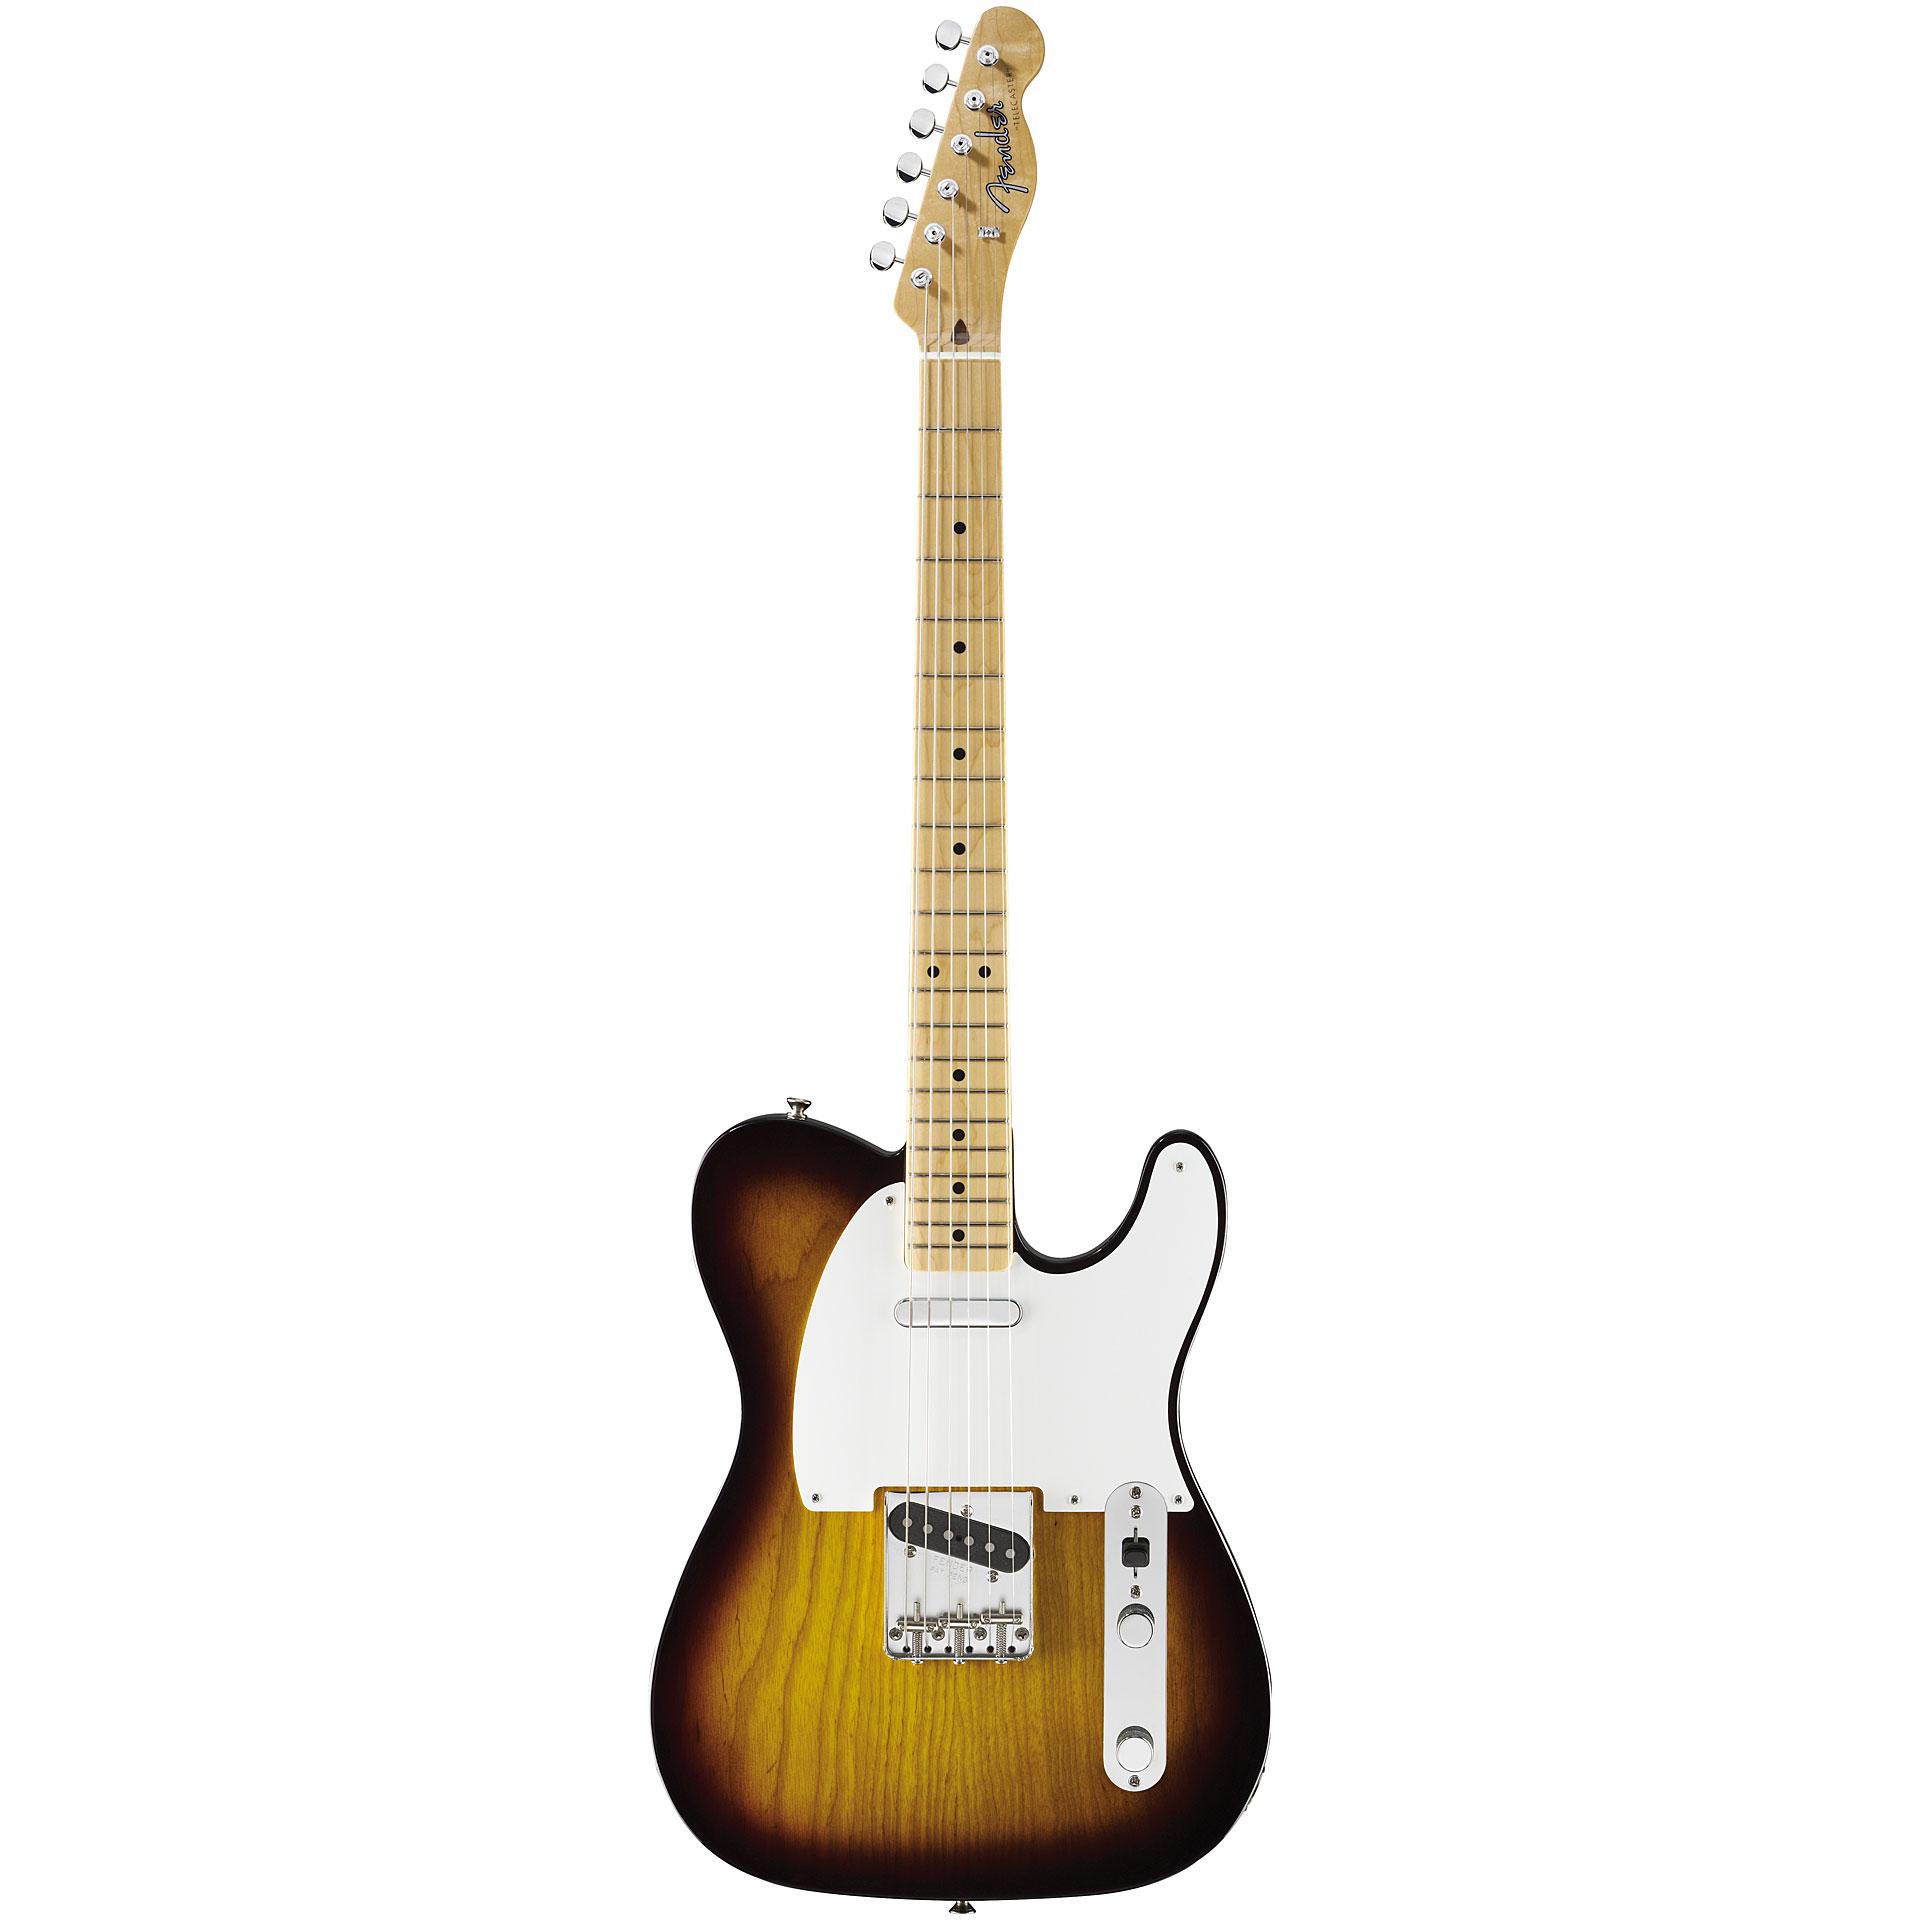 Fender American Vintage Telecaster 49